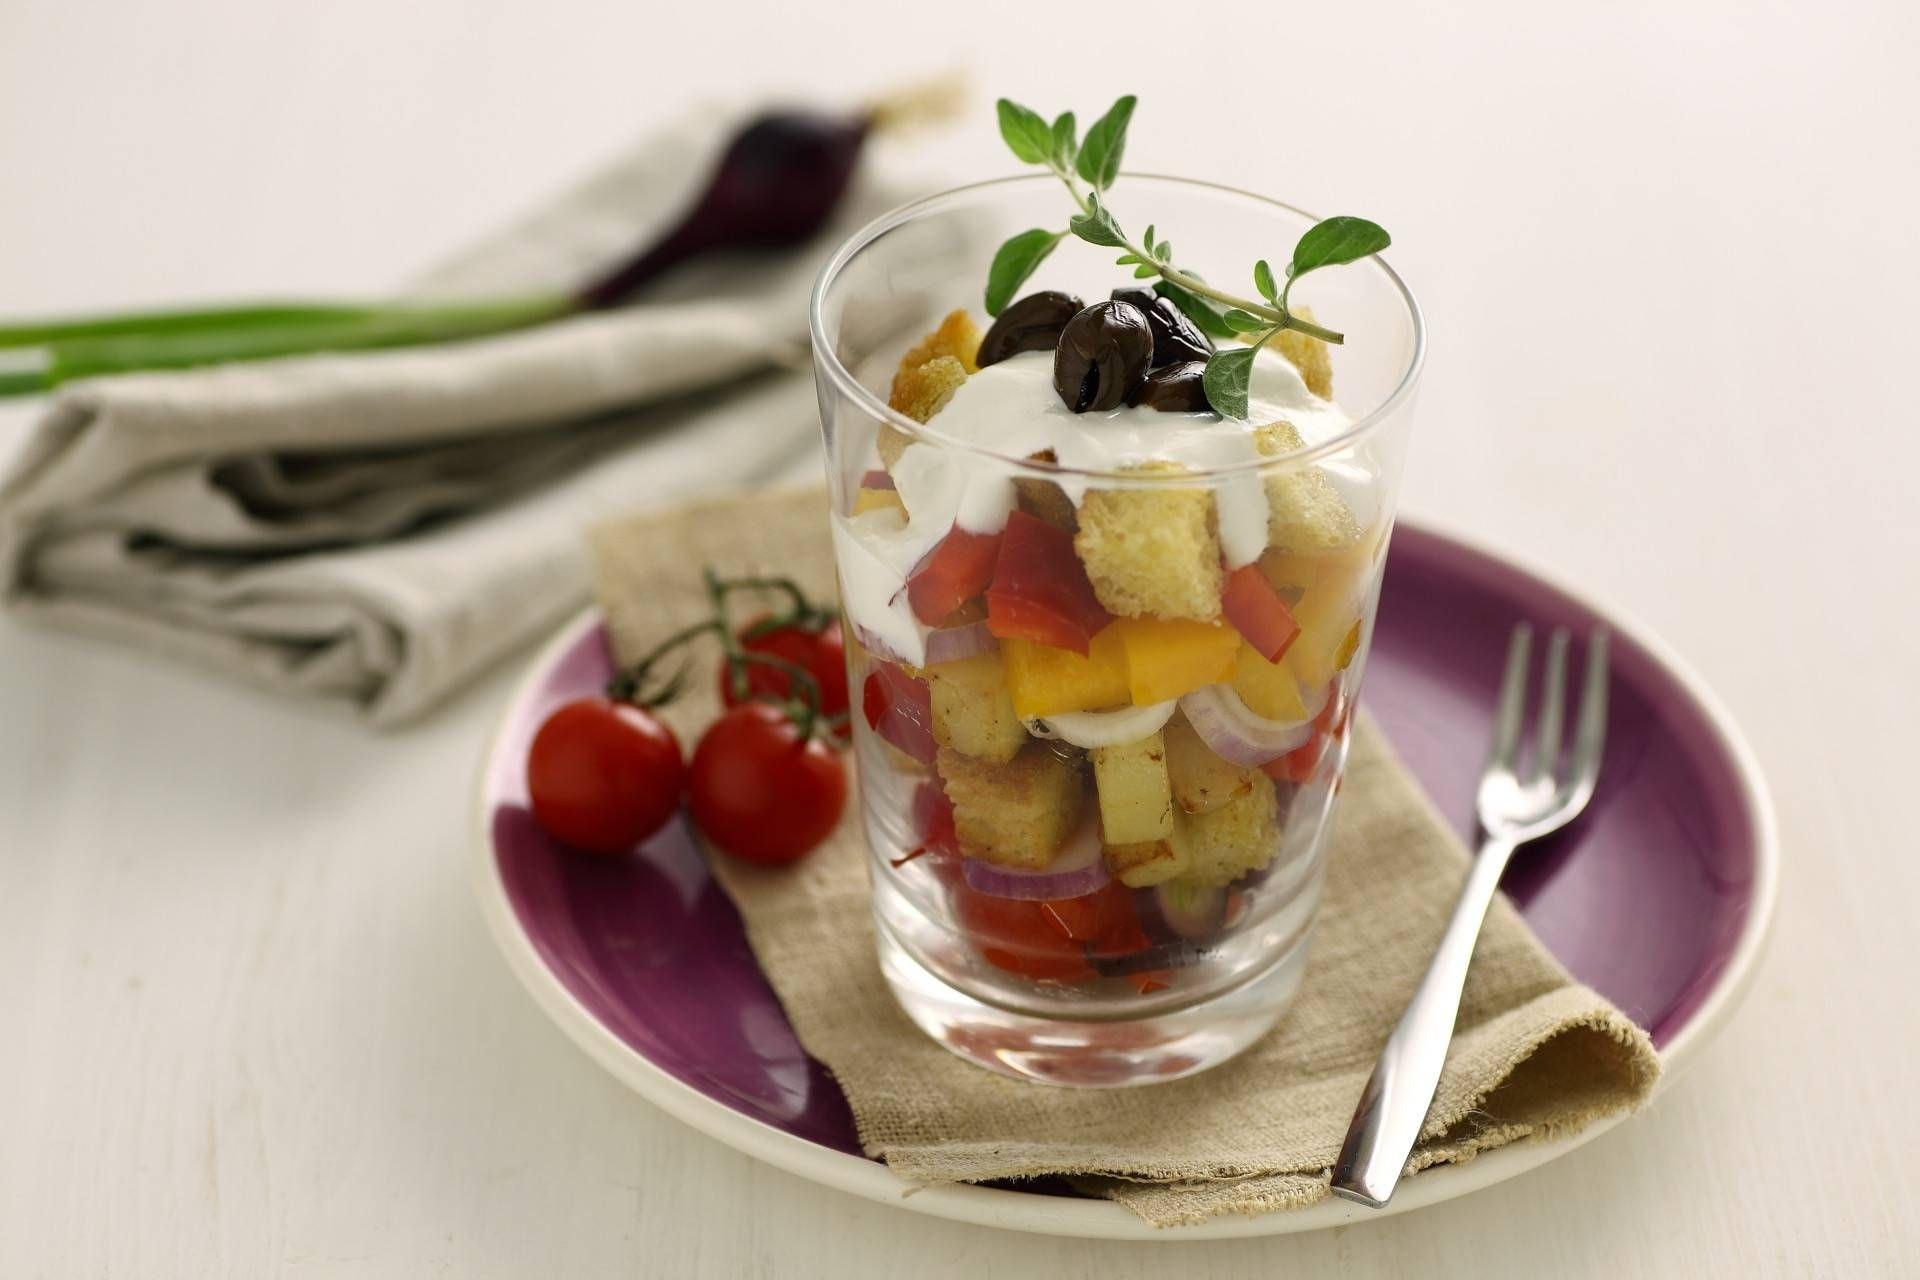 Bicchierini di panzanella con verdure miste - Parmalat